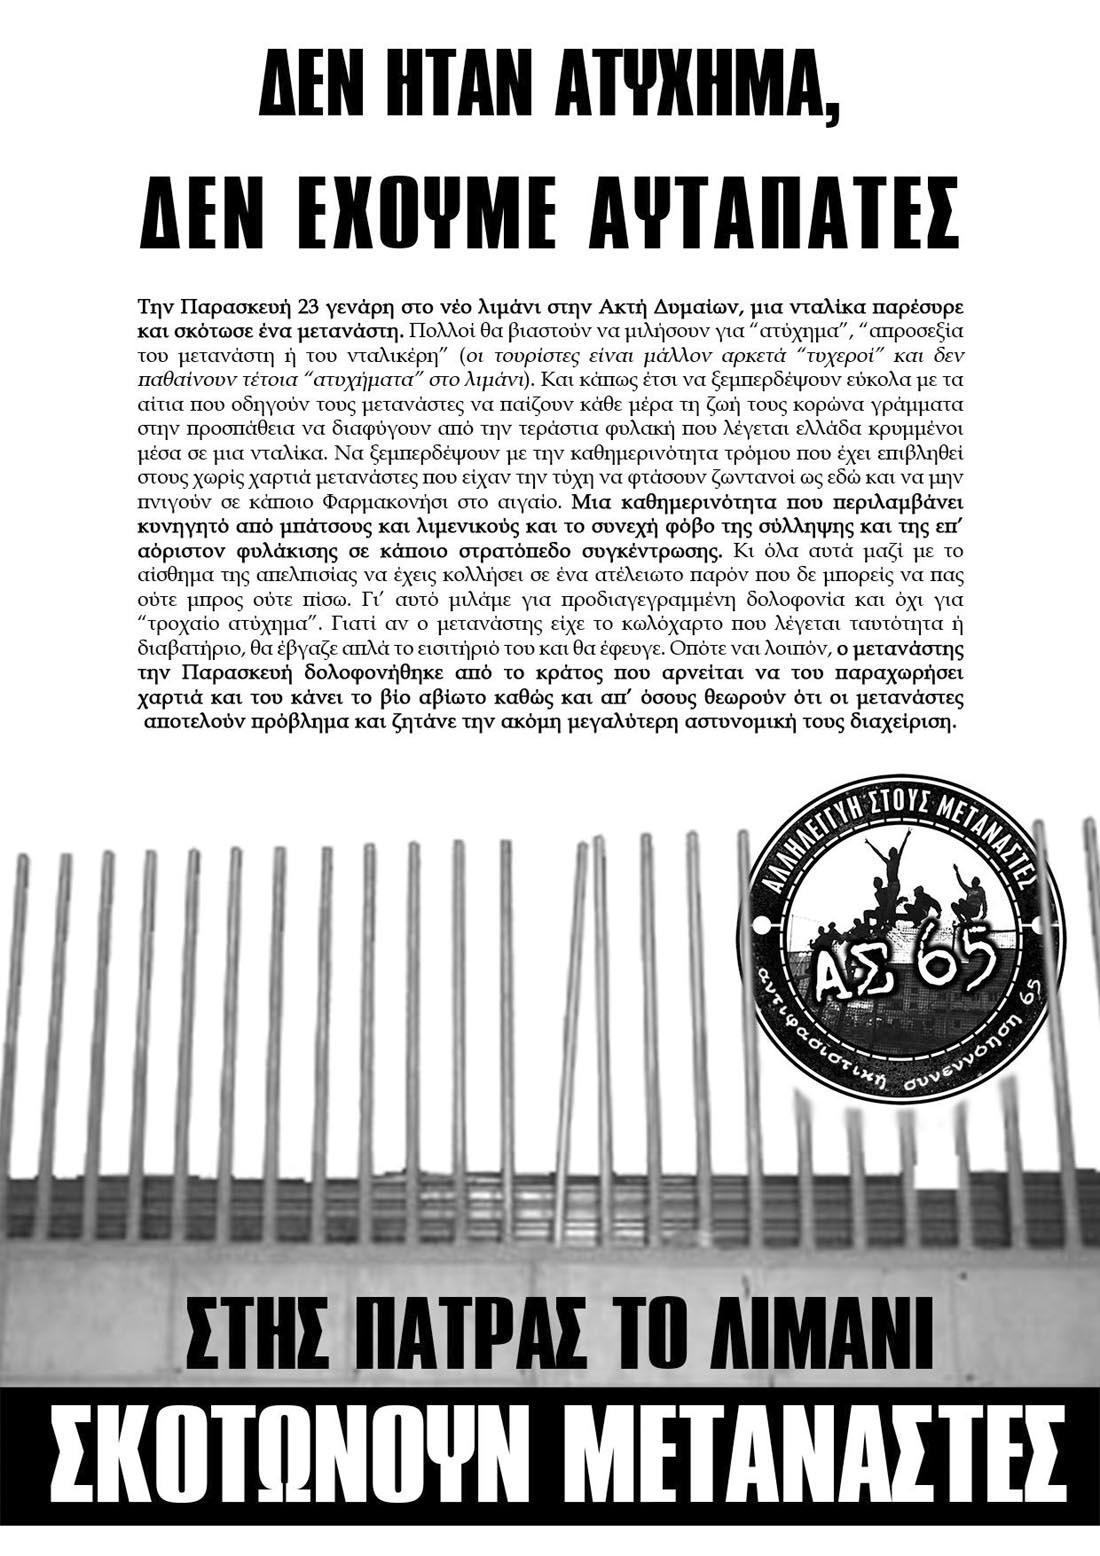 08-thanatos-metanasth-limani-apo-26-01-15-page-001